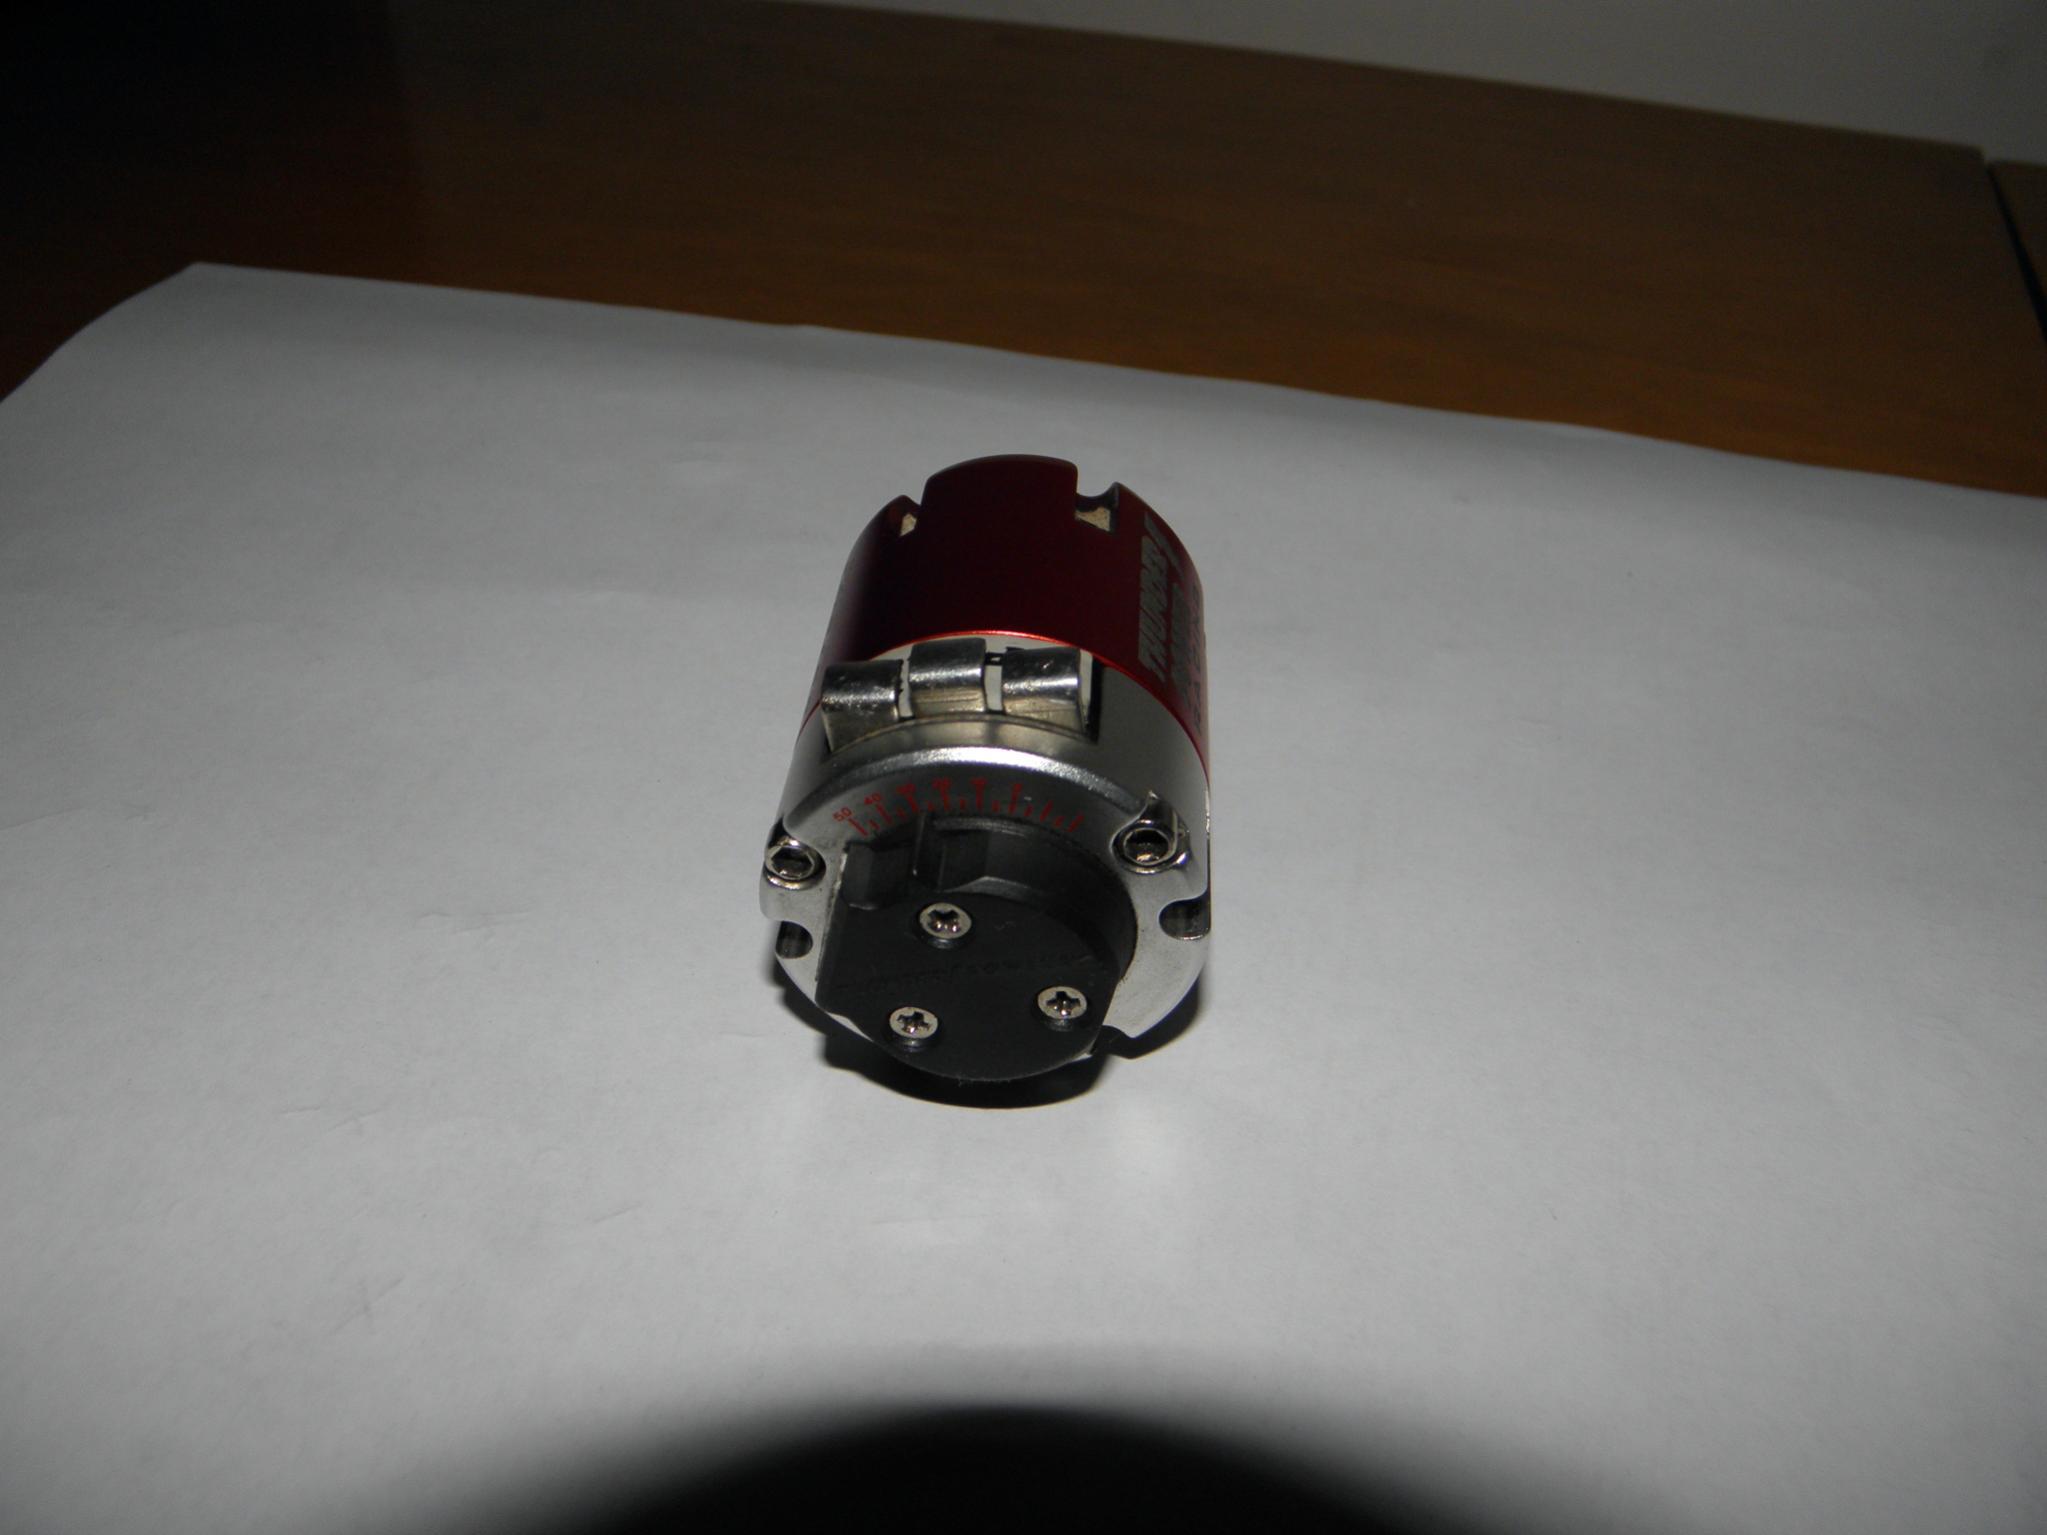 Near new thunder power 5t brushless motor and bearing for Brushless motor ceramic bearings